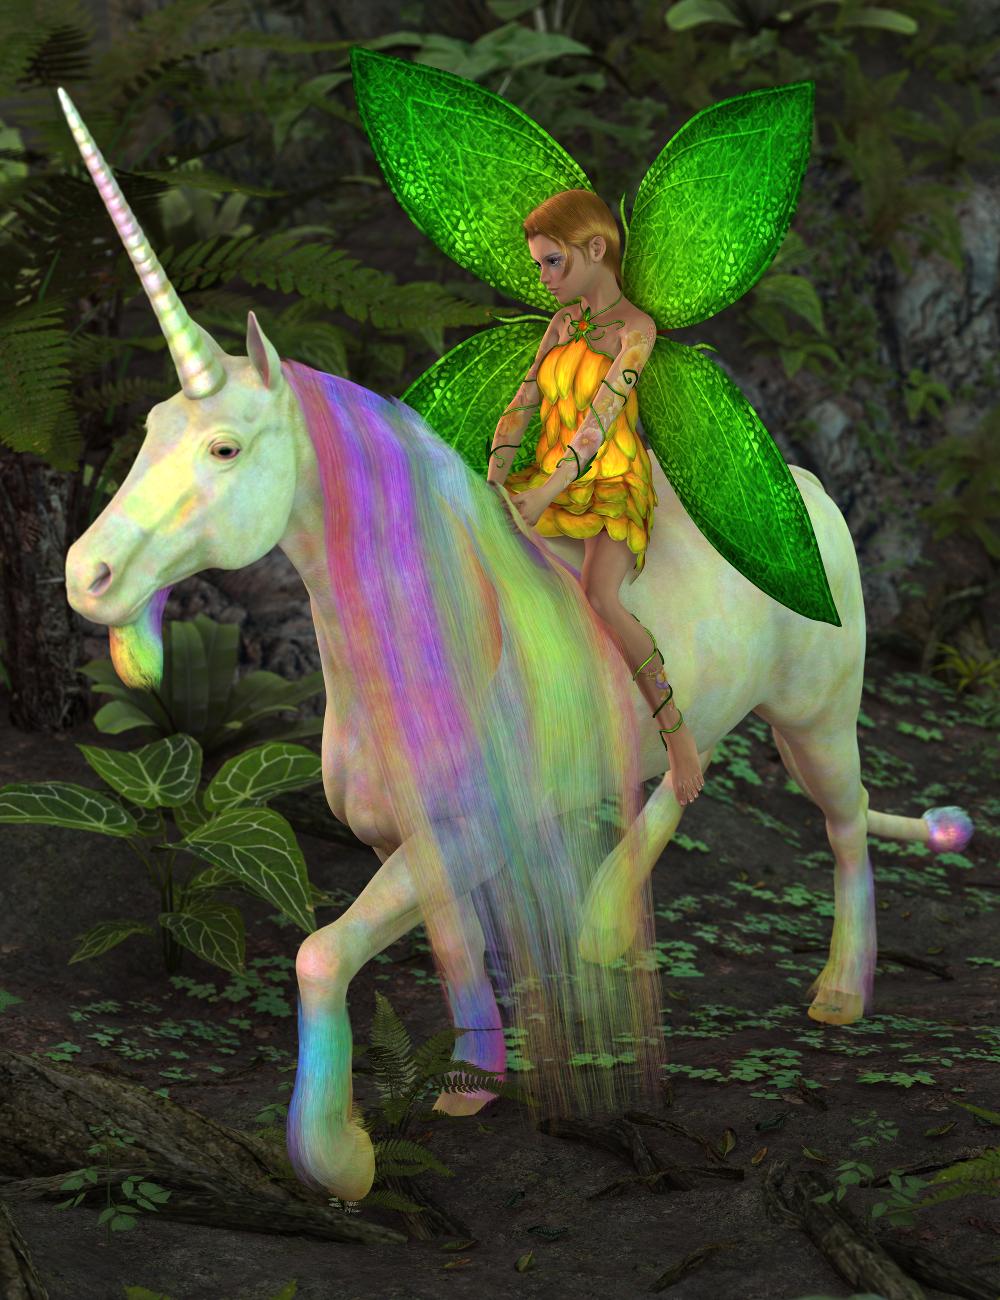 SF Unicorn for DAZ Horse 2 by: SickleyieldFuseling, 3D Models by Daz 3D